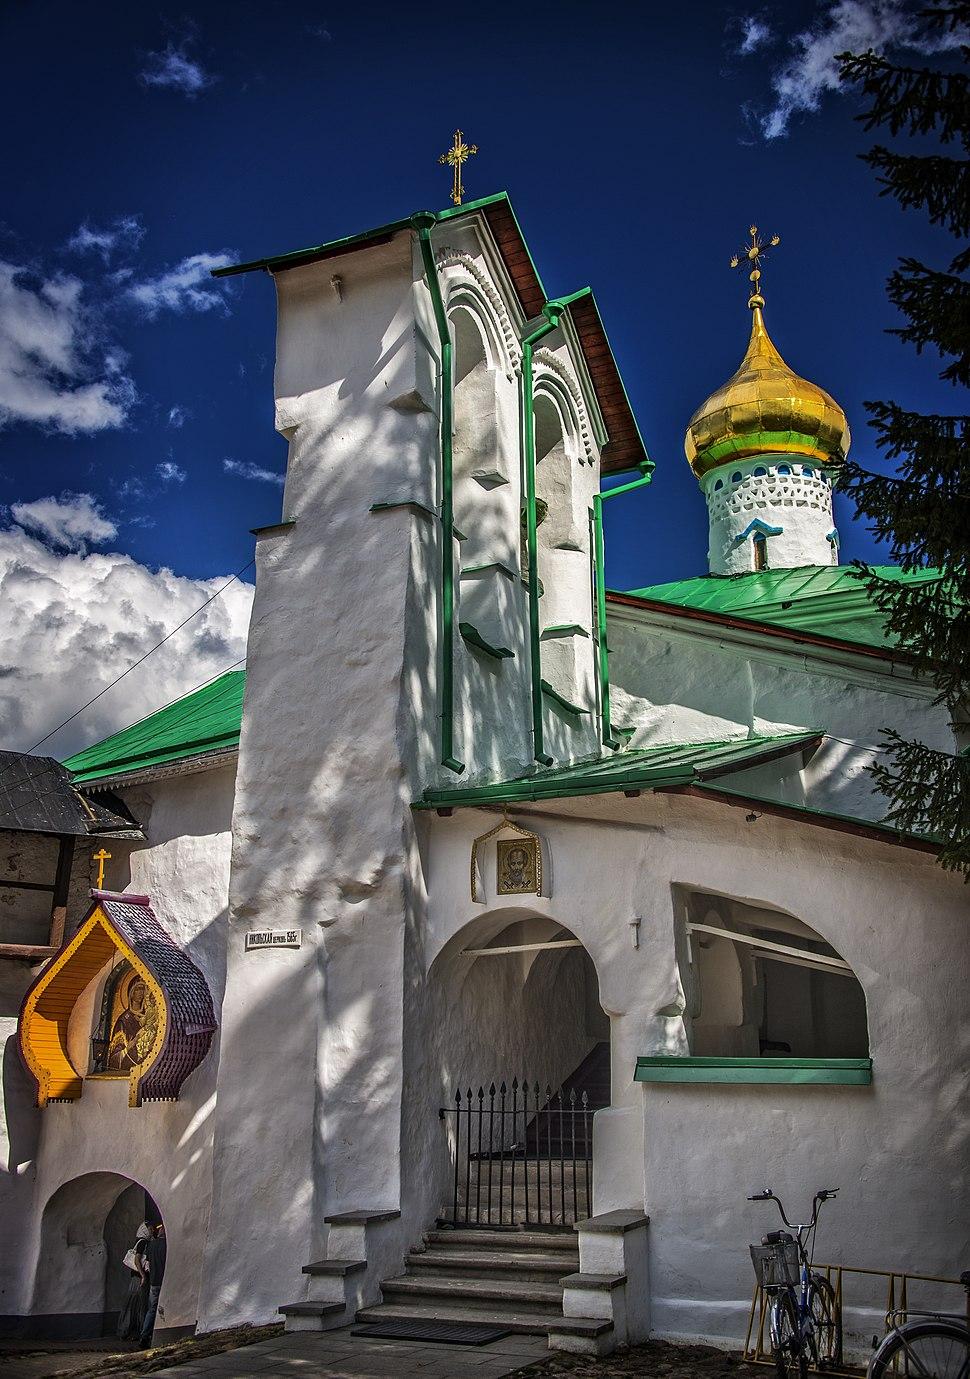 Надвратная церковь Николы Псково-Печорского монастыря